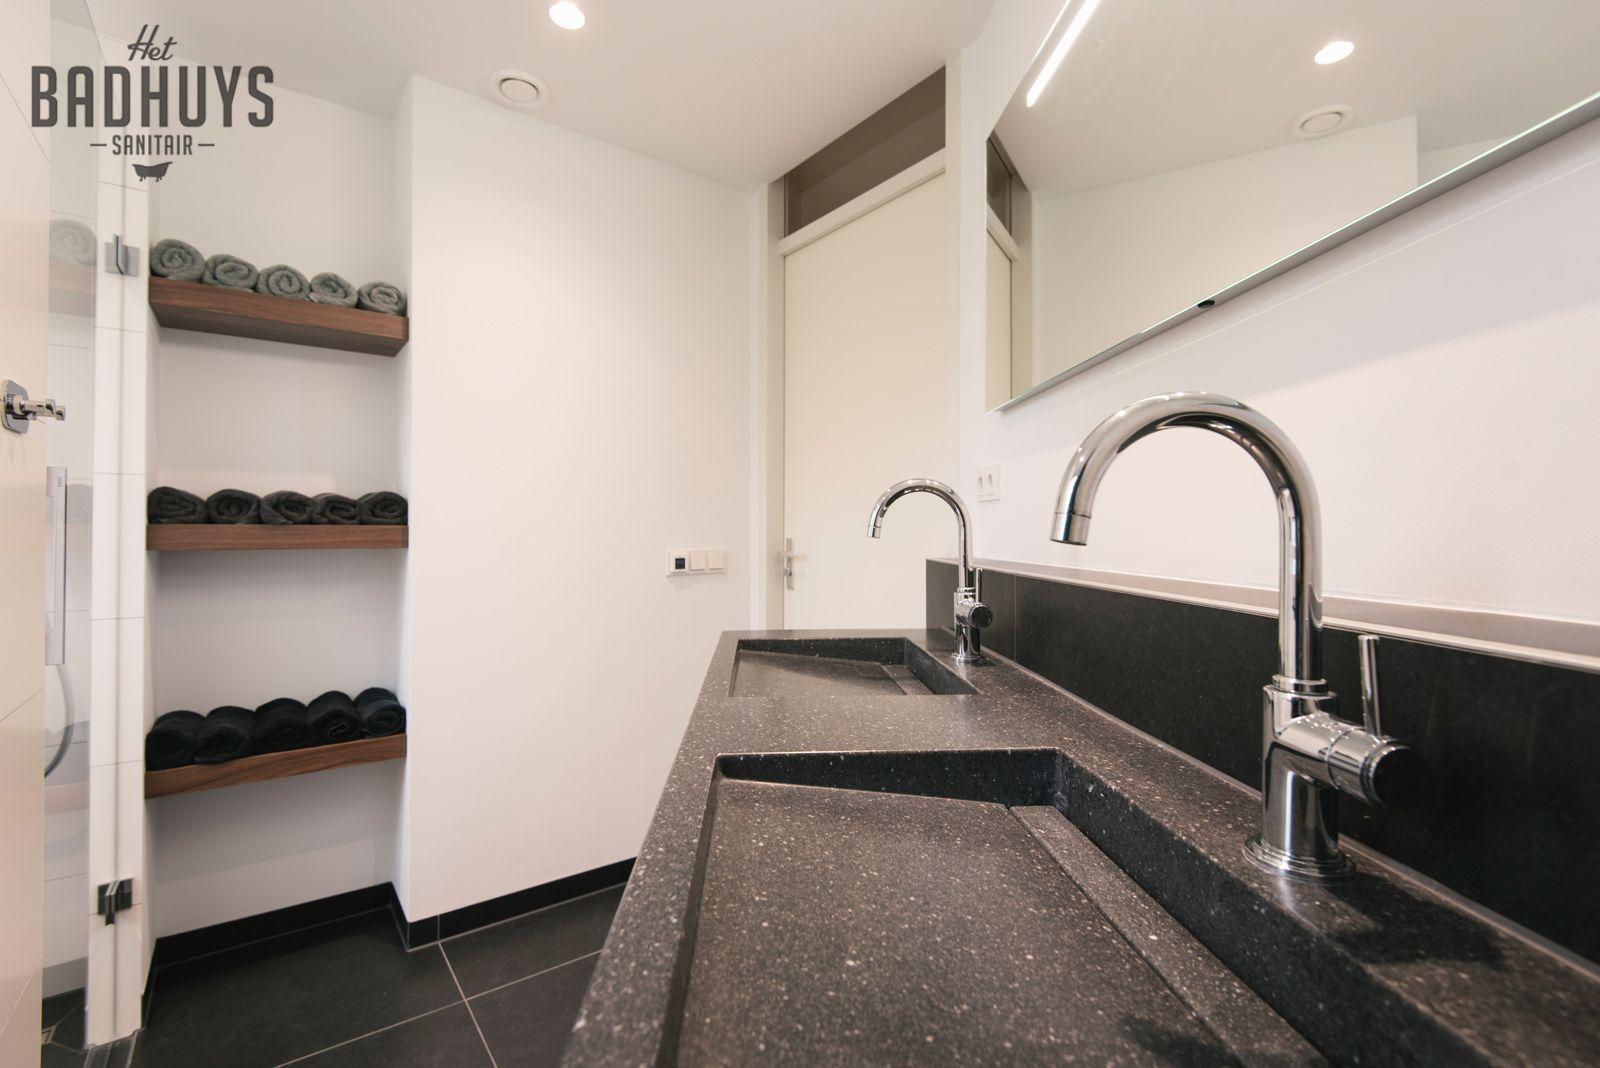 Moderne badkamer met ruime inloopdouche en schapjes op maat